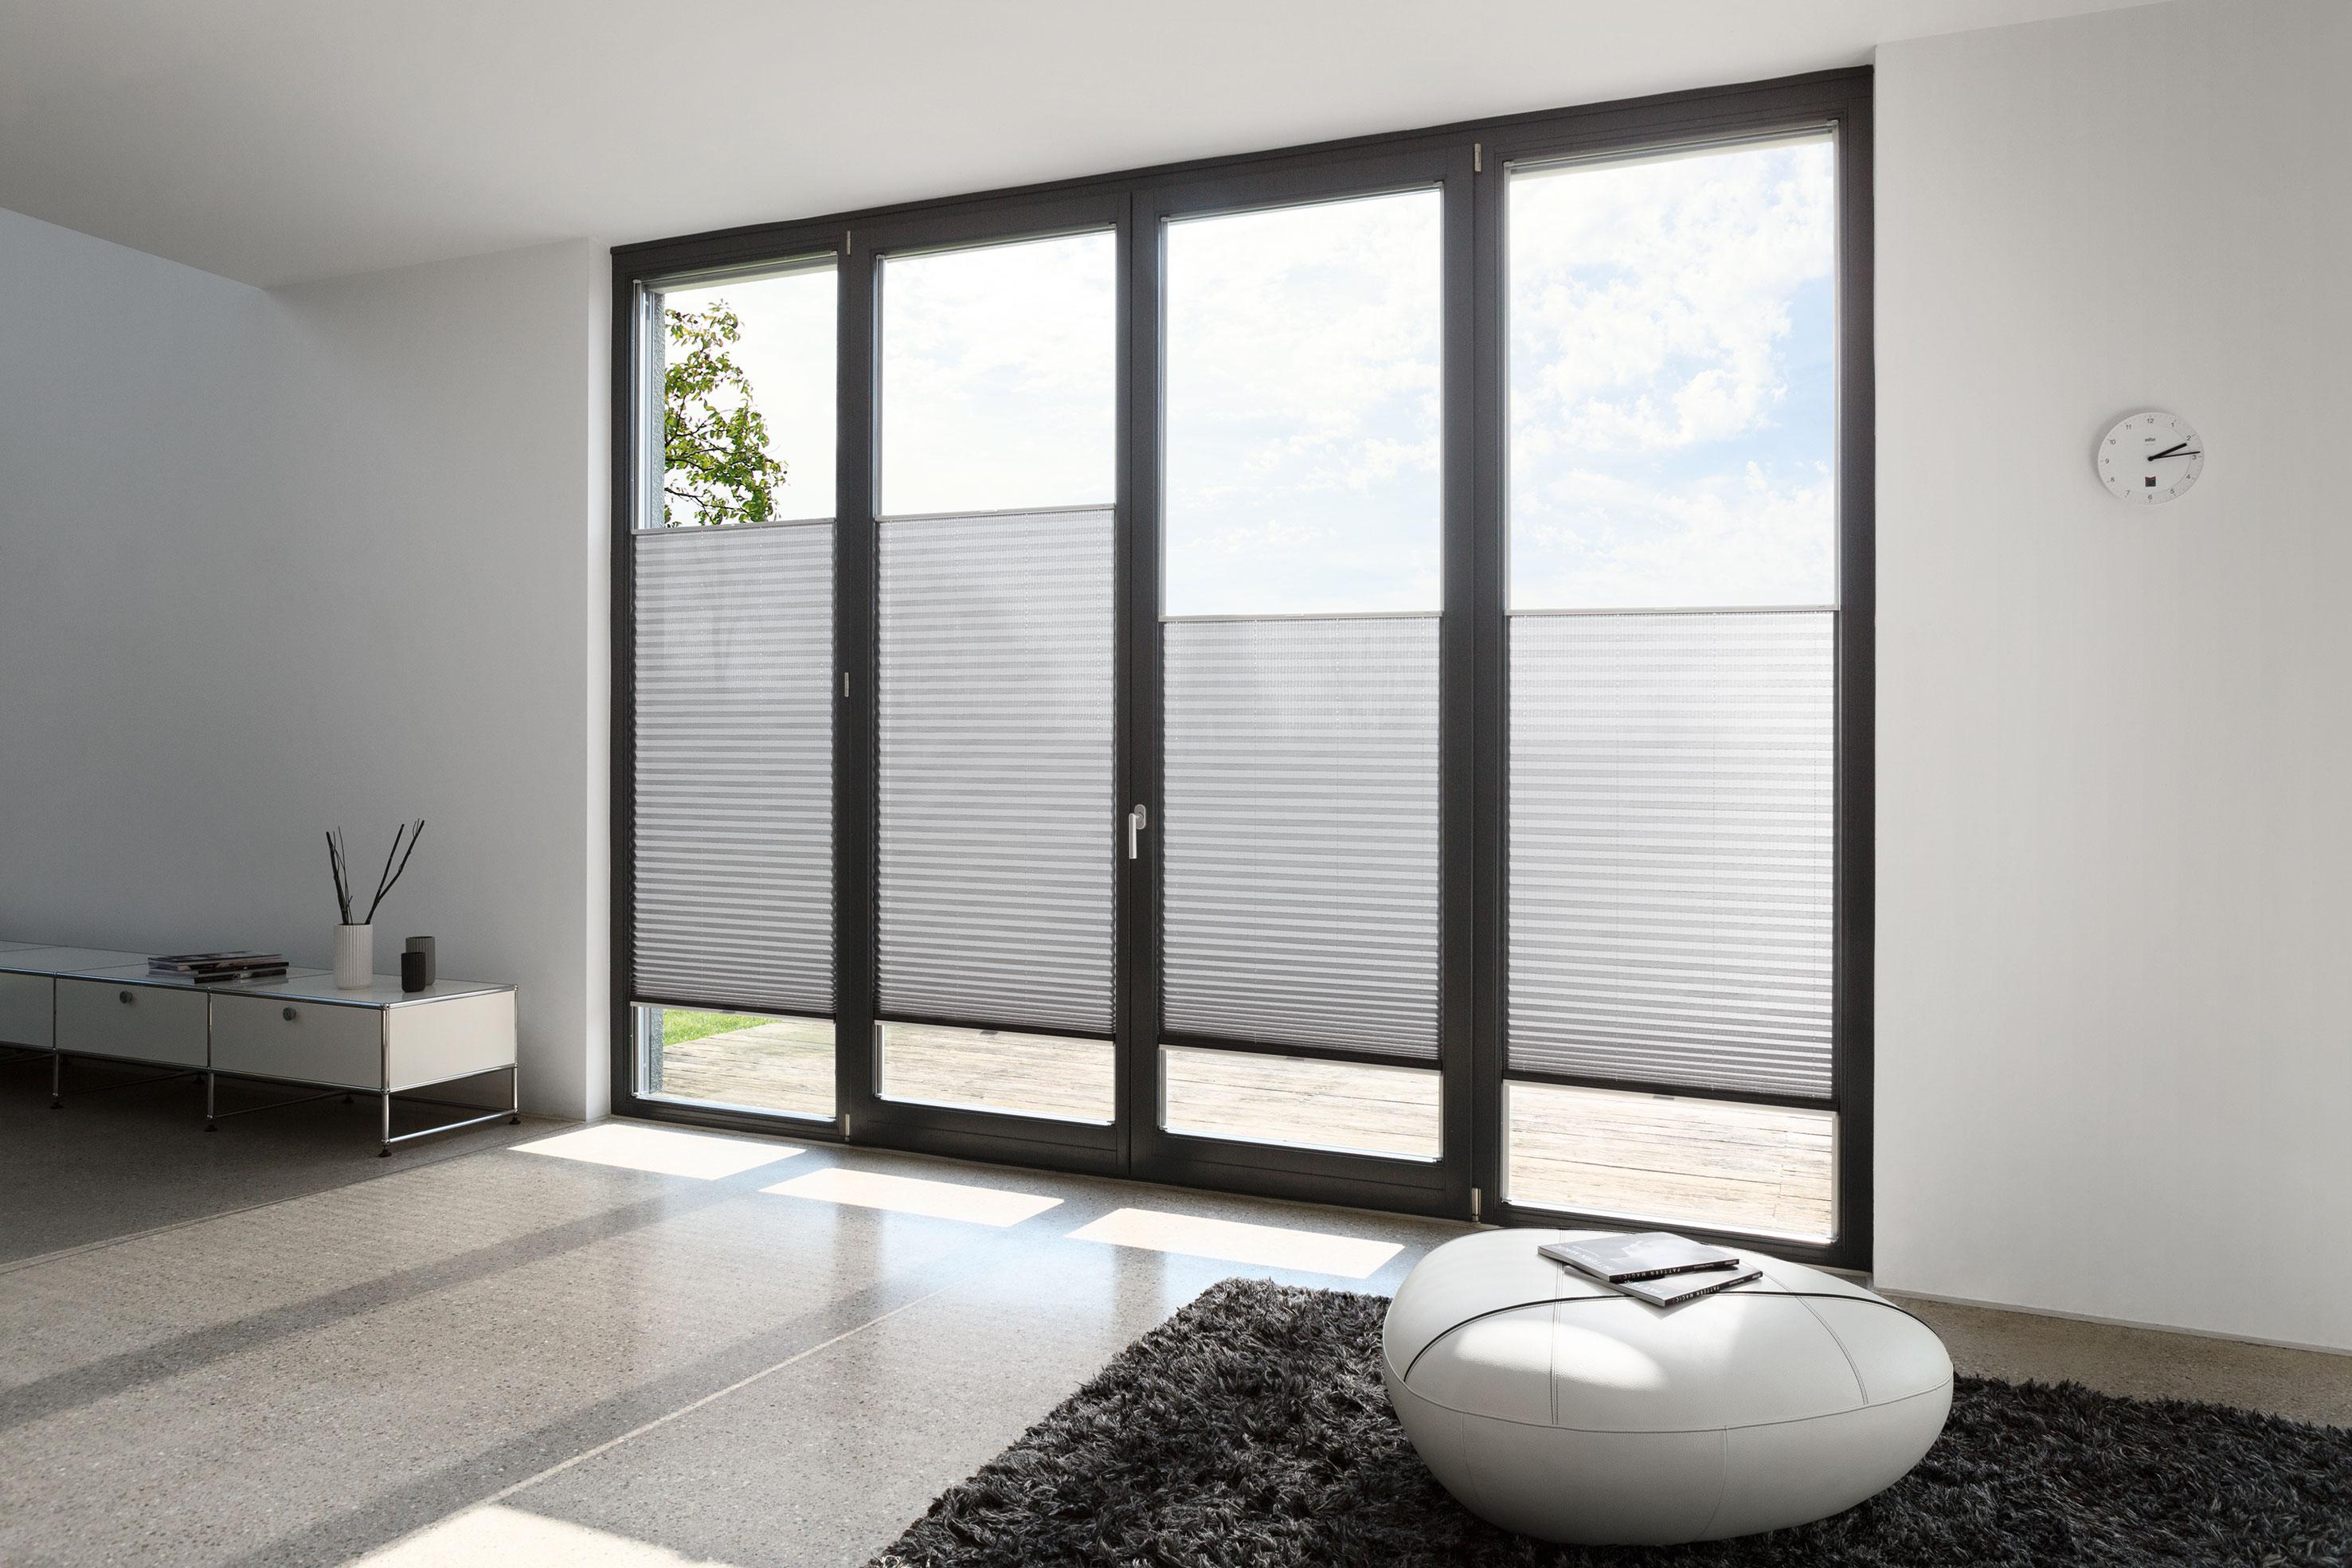 sonnenschutz und sichtschutz stuttgart. Black Bedroom Furniture Sets. Home Design Ideas